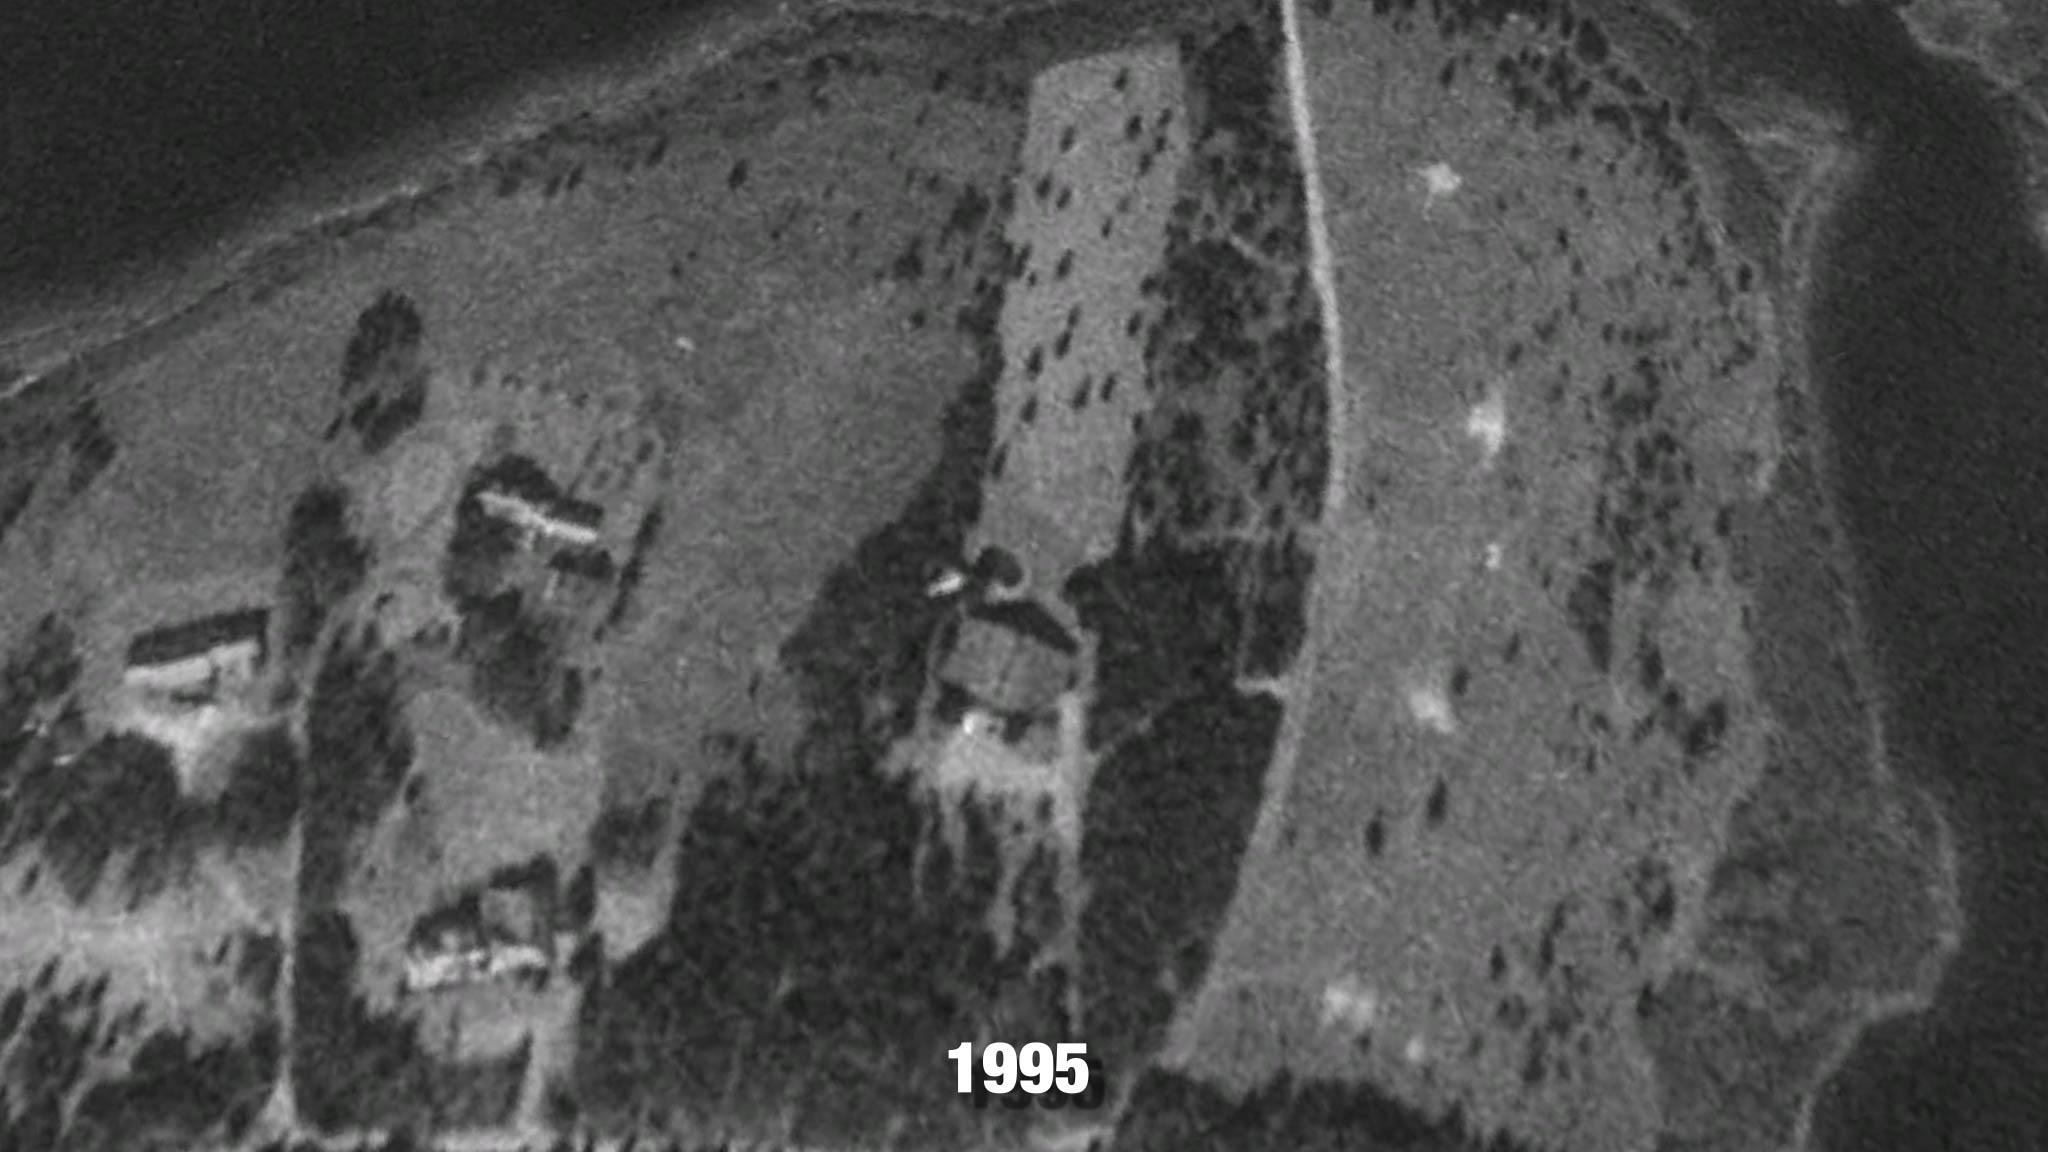 C_OBH_Marthas_Vineyard_Satellite_2k_Static_07_Before_Year.jpg